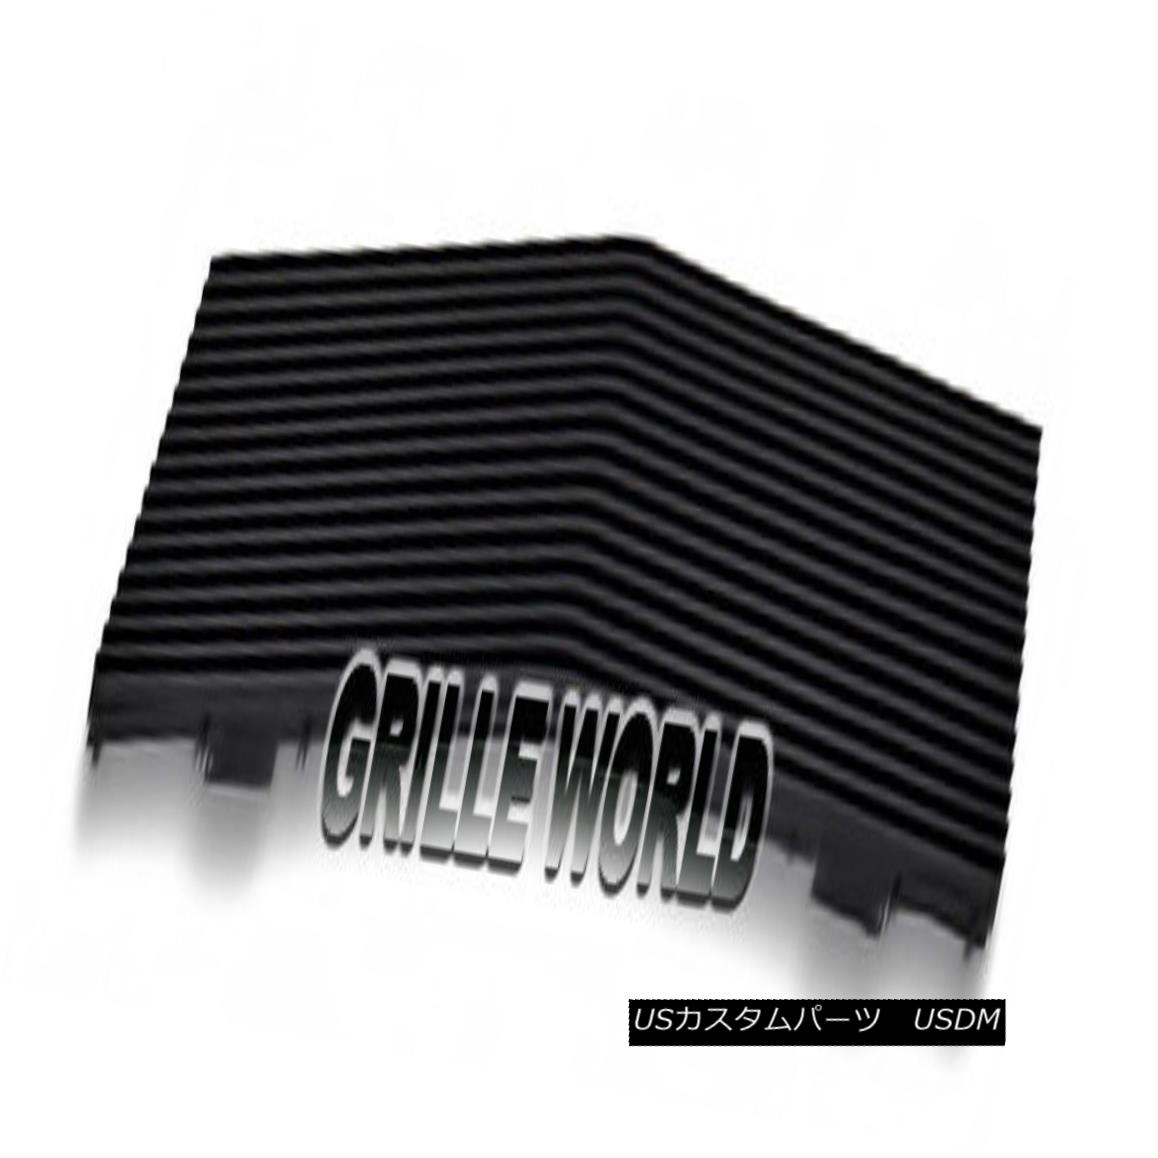 グリル 81-87 Chevy GMC Pickup/Suburban/Blazer Phantom Black Billet Premium Grille 81-87 Chevy GMC Pickup / Suburba n / Blazer Phantom Black Billetプレミアムグリル